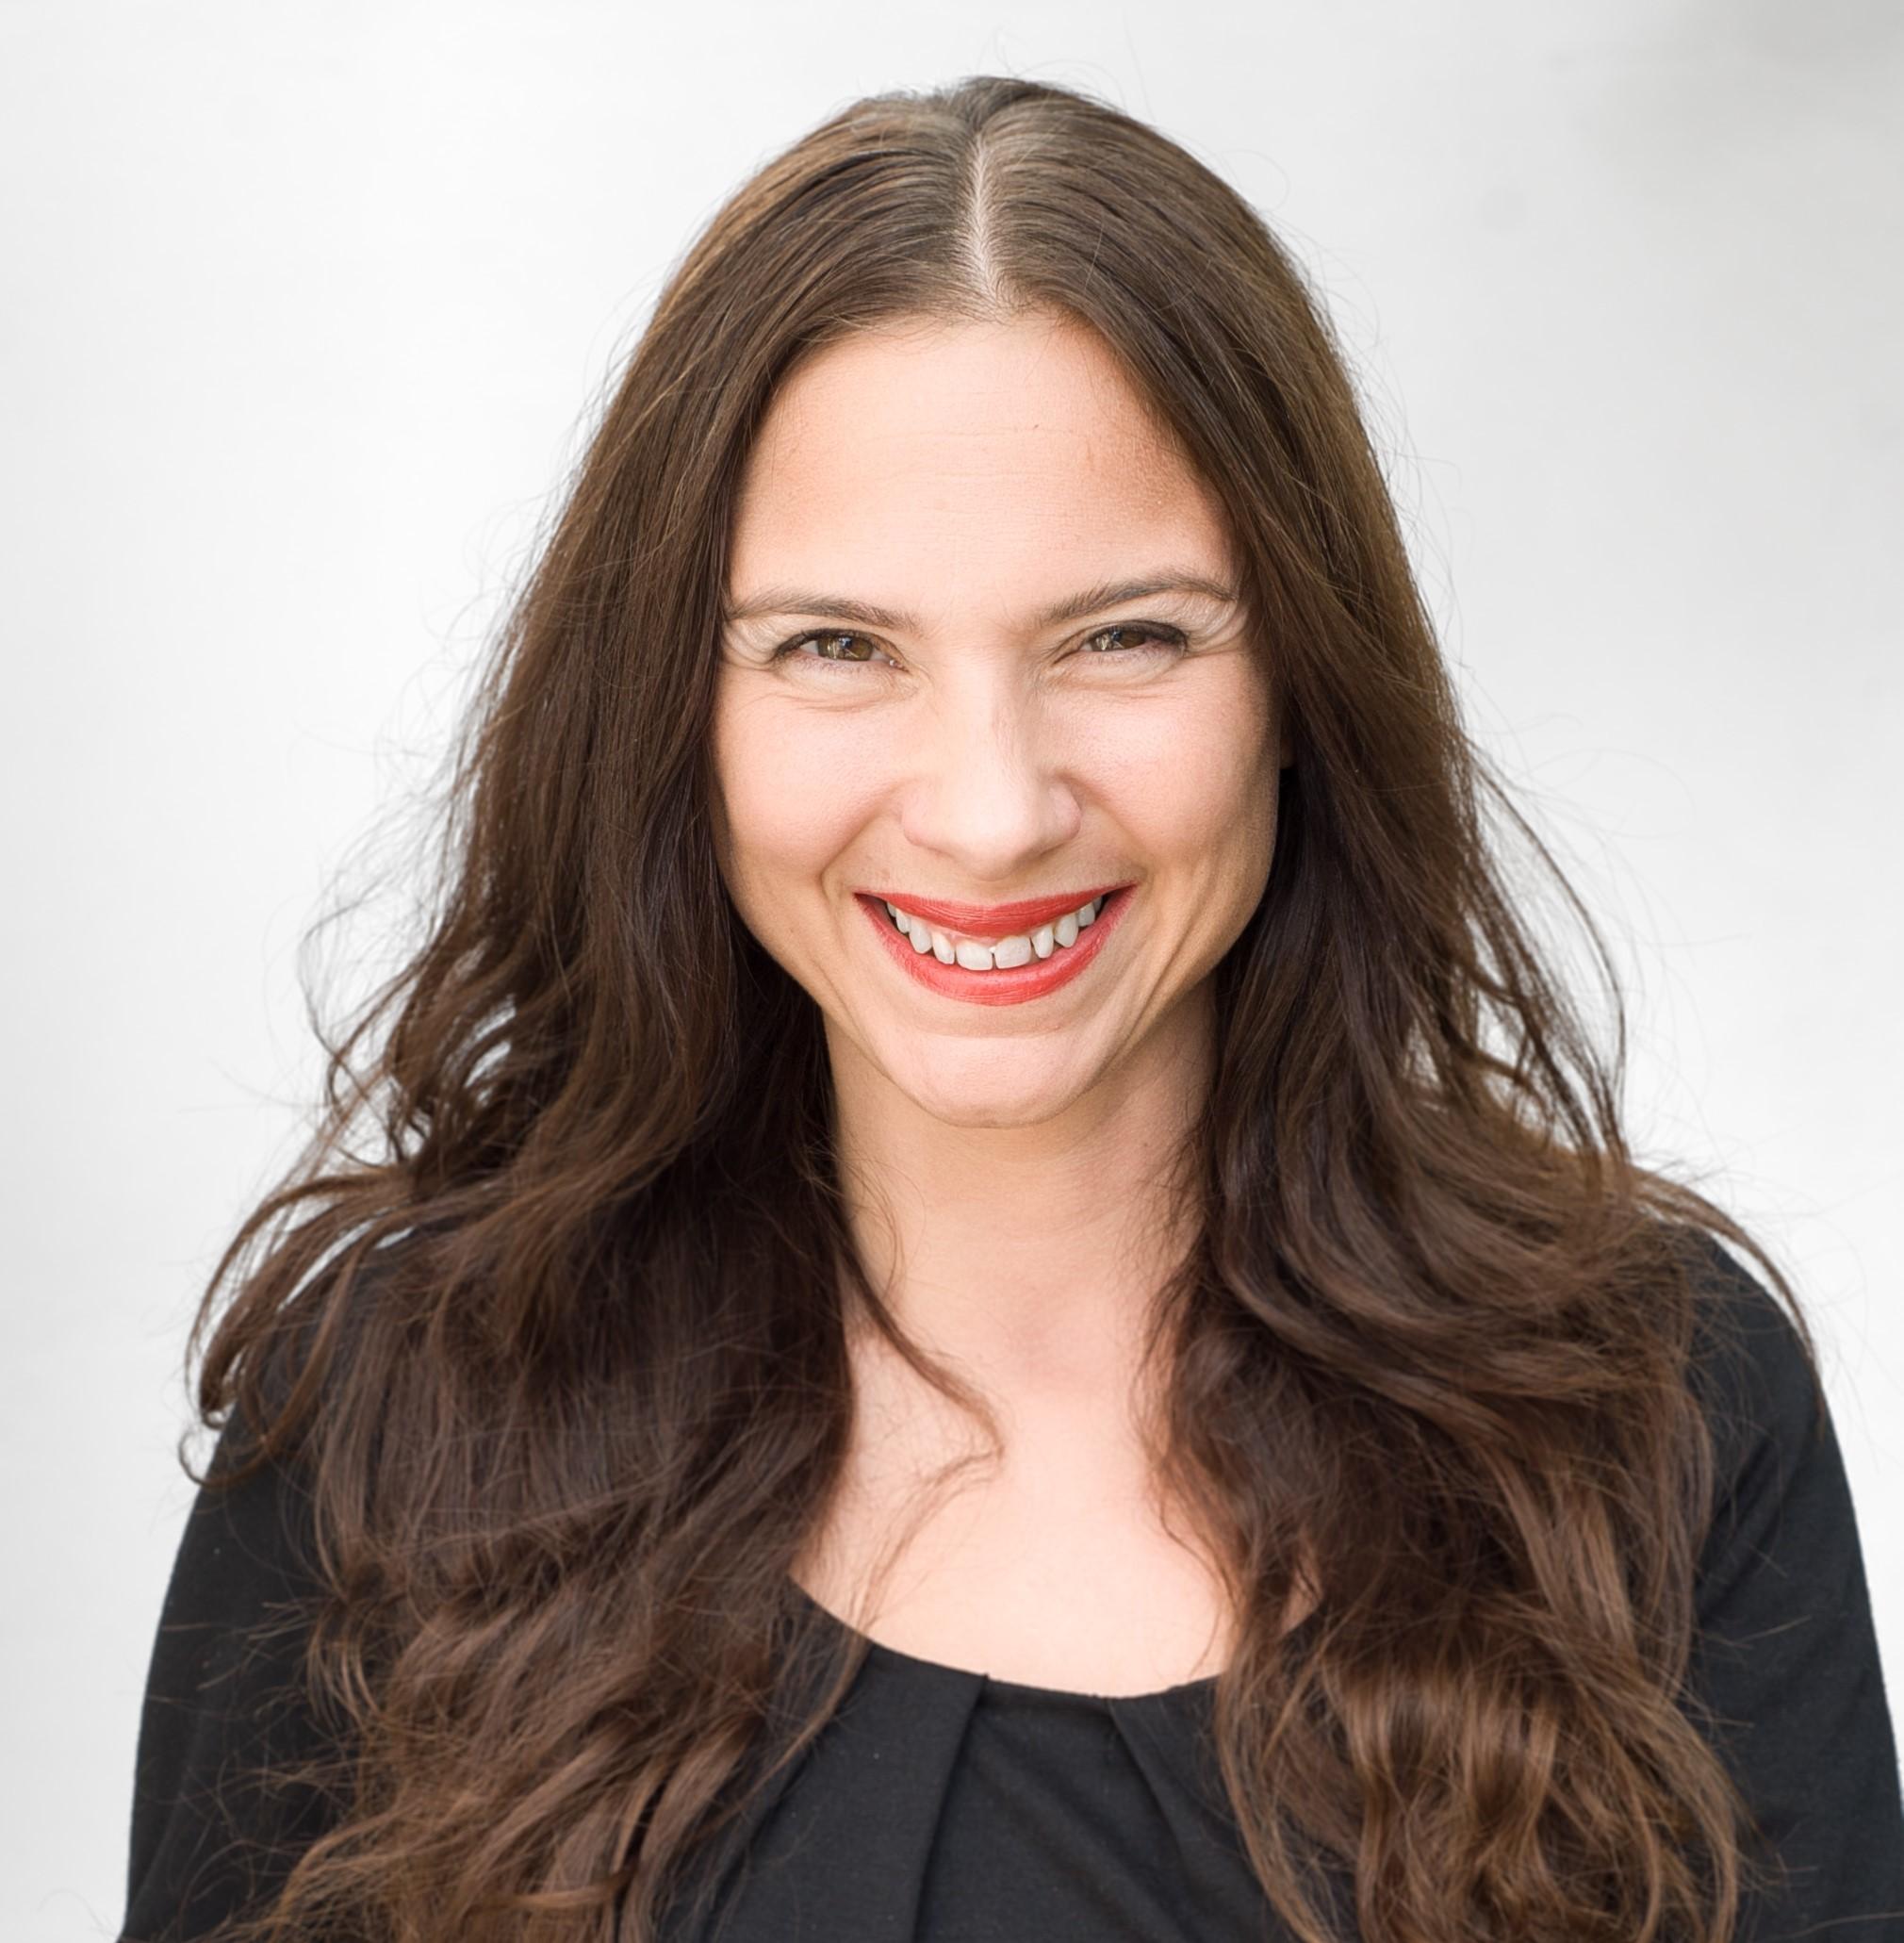 Claire Bueno